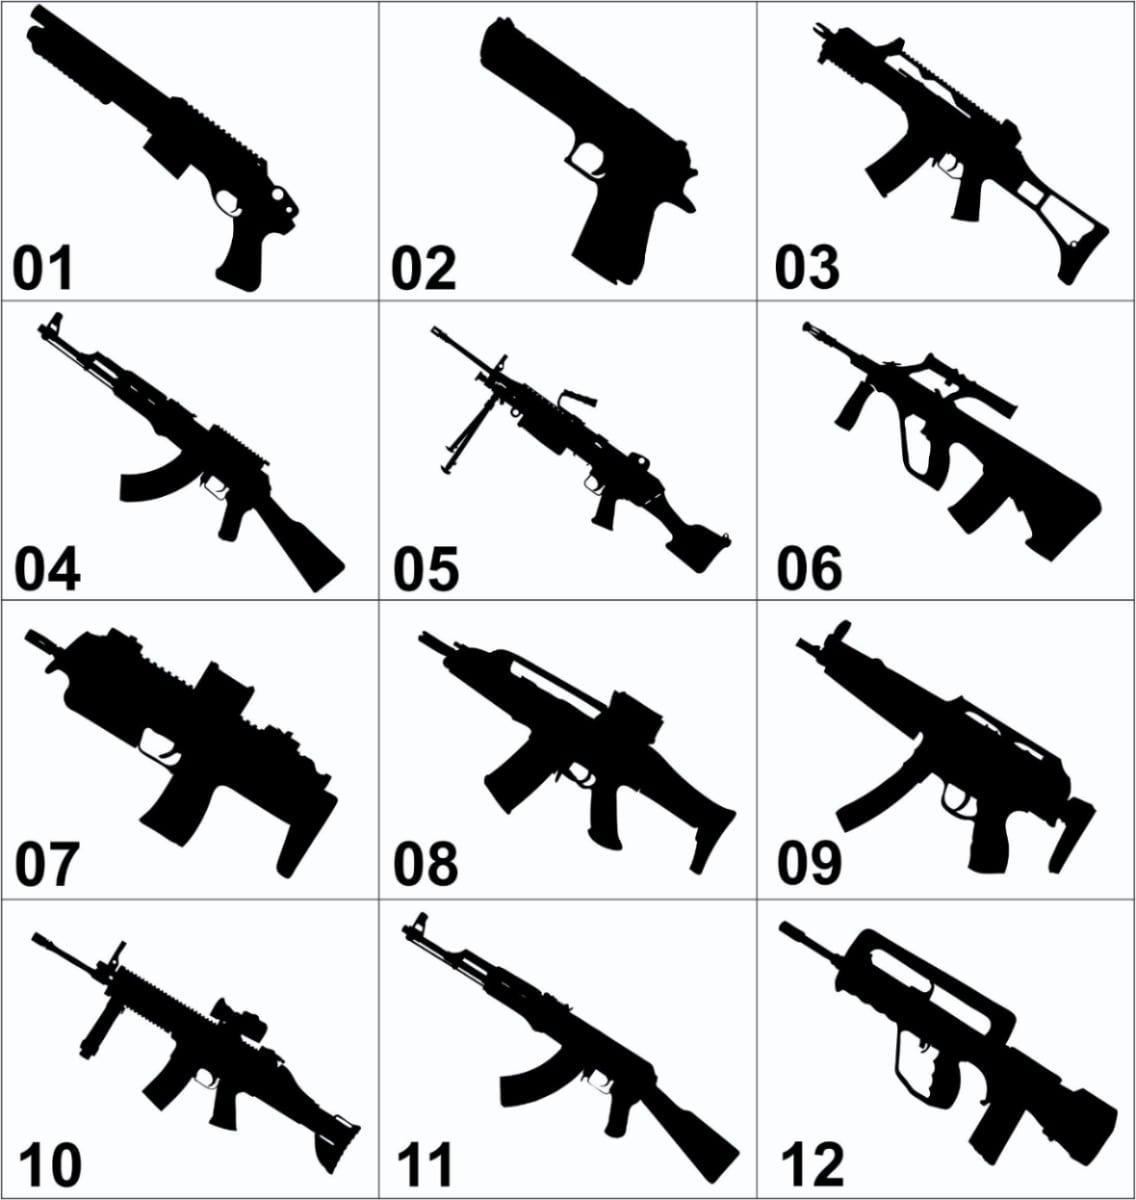 Adesivo Decorativo De Parede, Desenhos De Armas Iradas